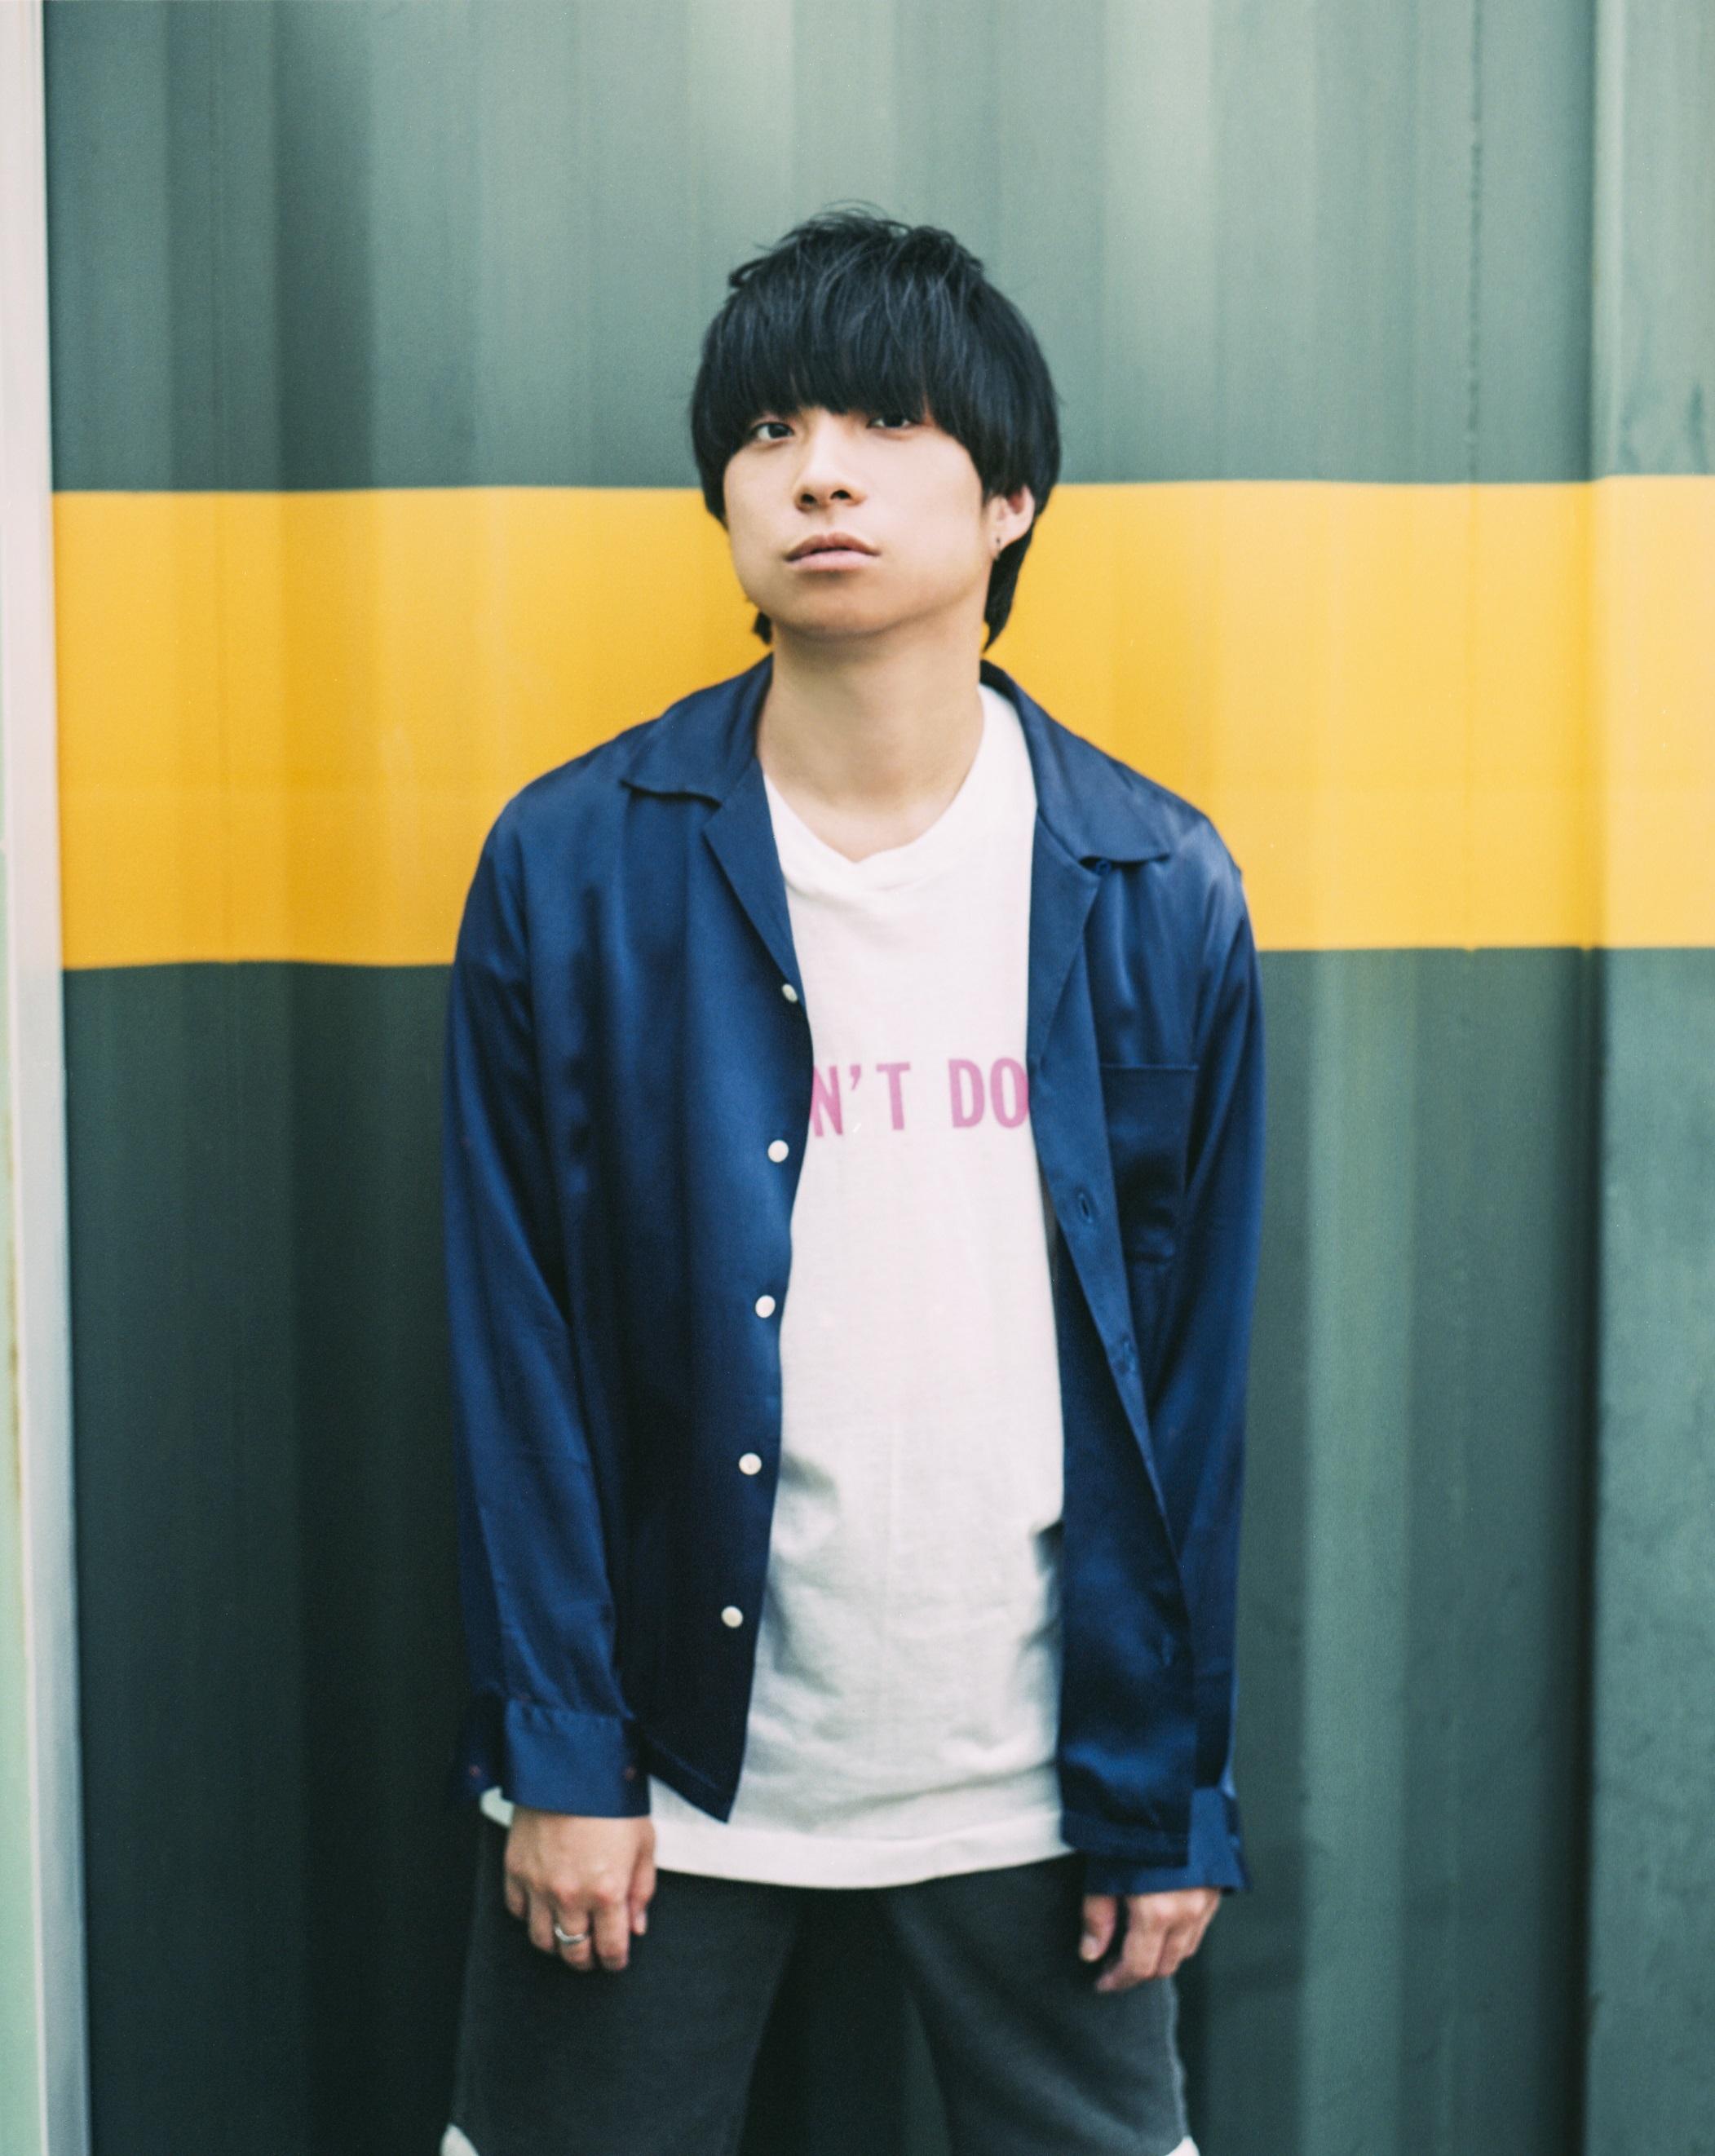 尾崎世界観アーティスト写真